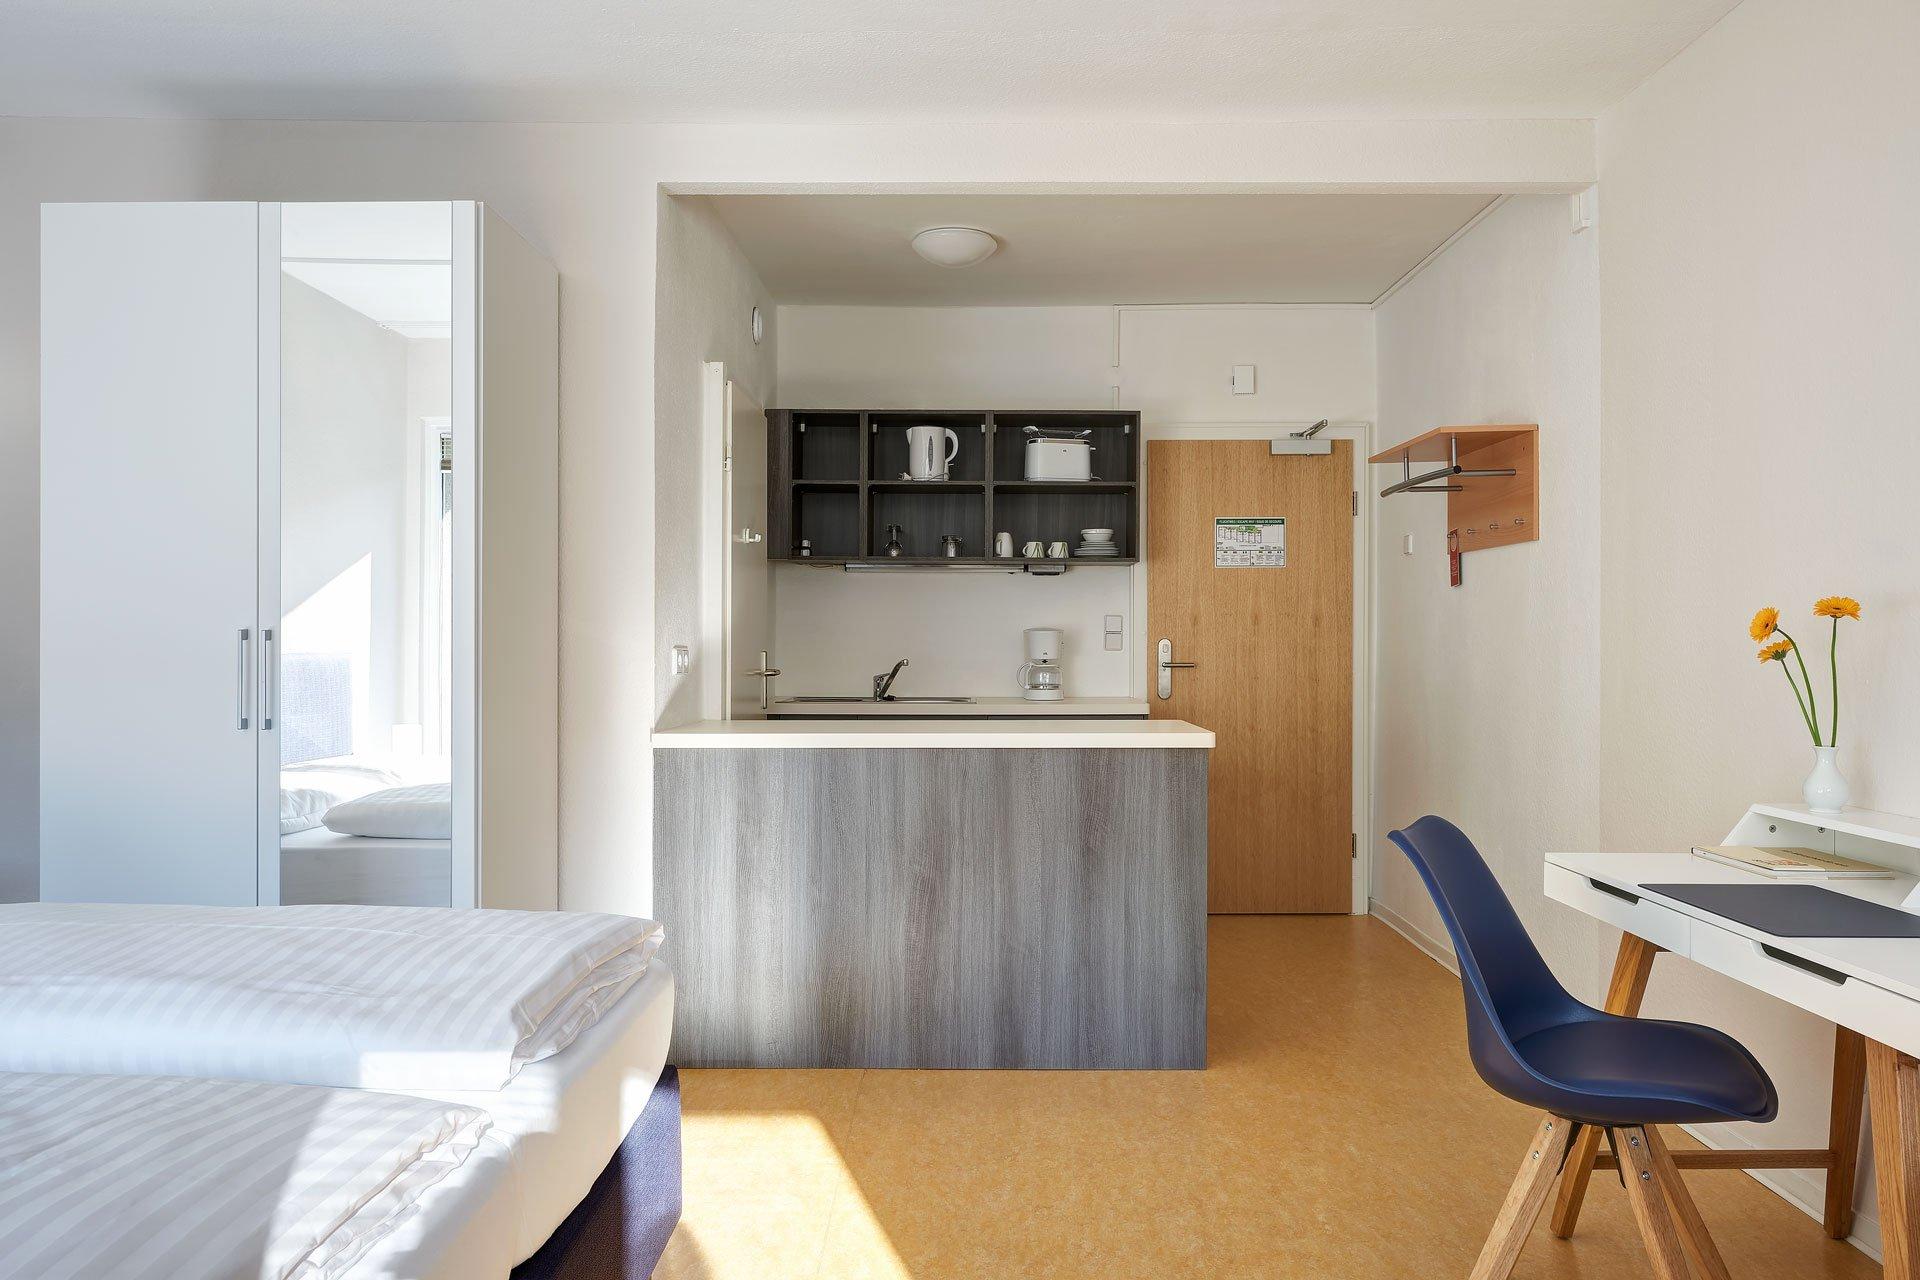 Unser Komfortzimmer mit Balkon und Kitchenette